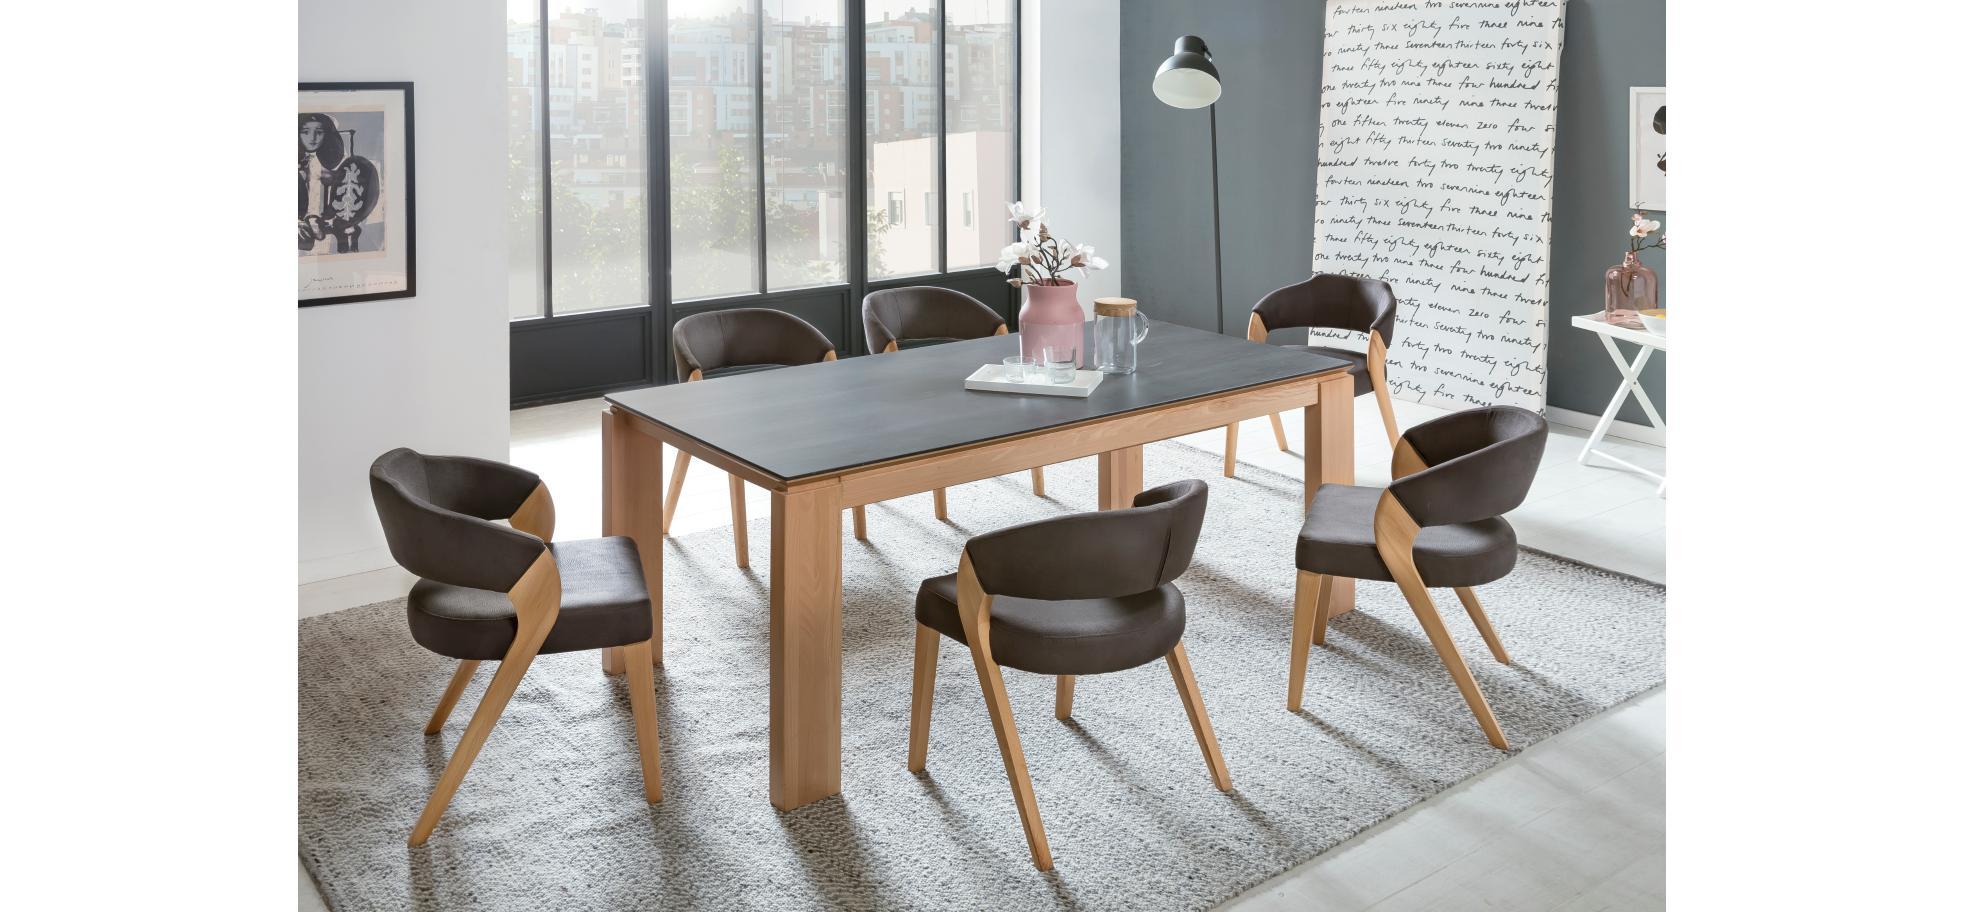 massiver esstisch mit auszug m belhaus pohl wilhelmshaven friesland m belhaus pohl gmbh. Black Bedroom Furniture Sets. Home Design Ideas